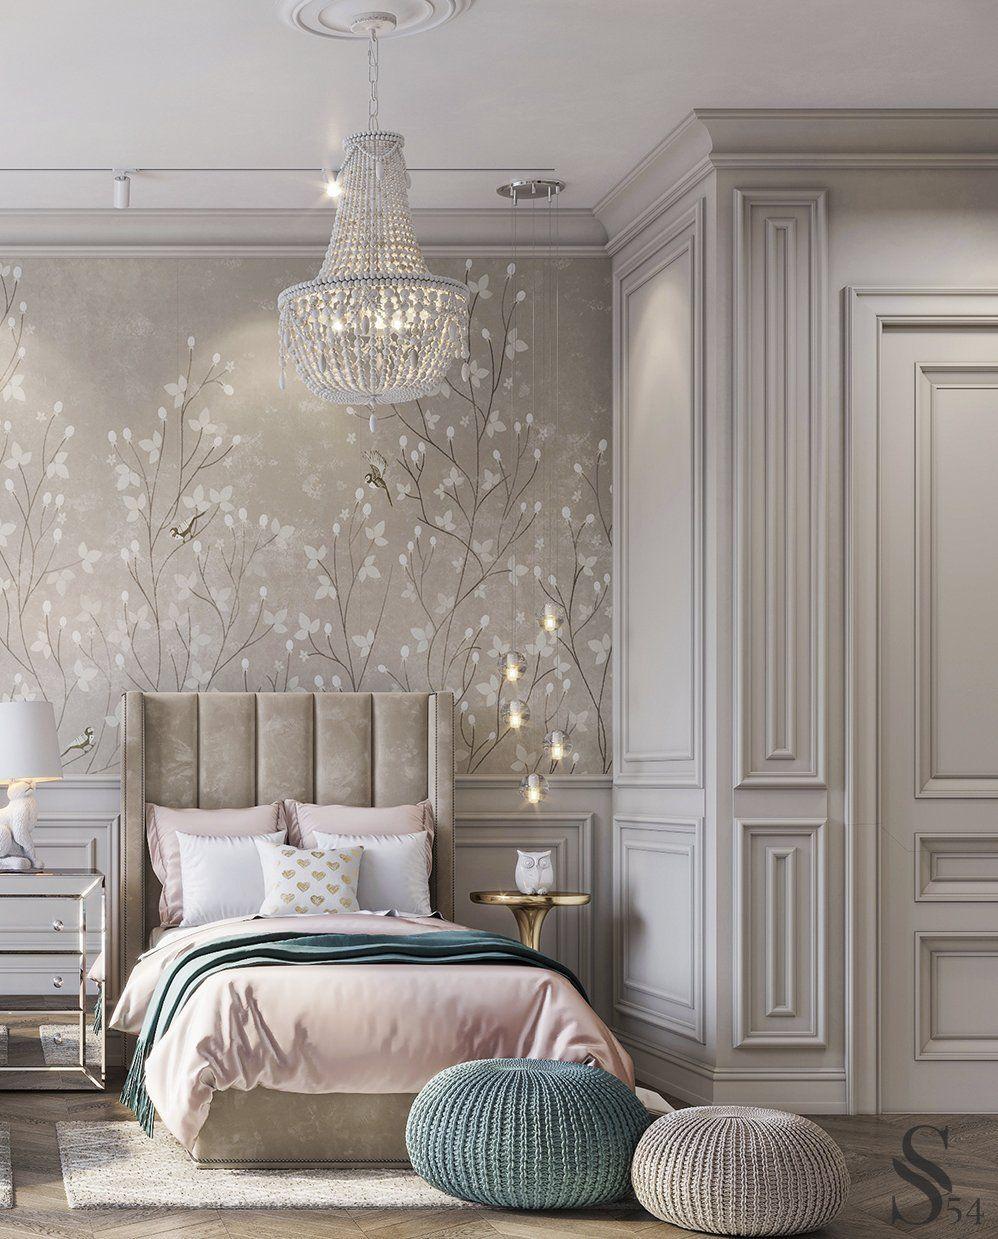 Портфолио Изысканная квартира в Москве идеи спальни Изысканная квартира Москве Портфолио Kids Interior Room Bedroom Interior Home Room Design